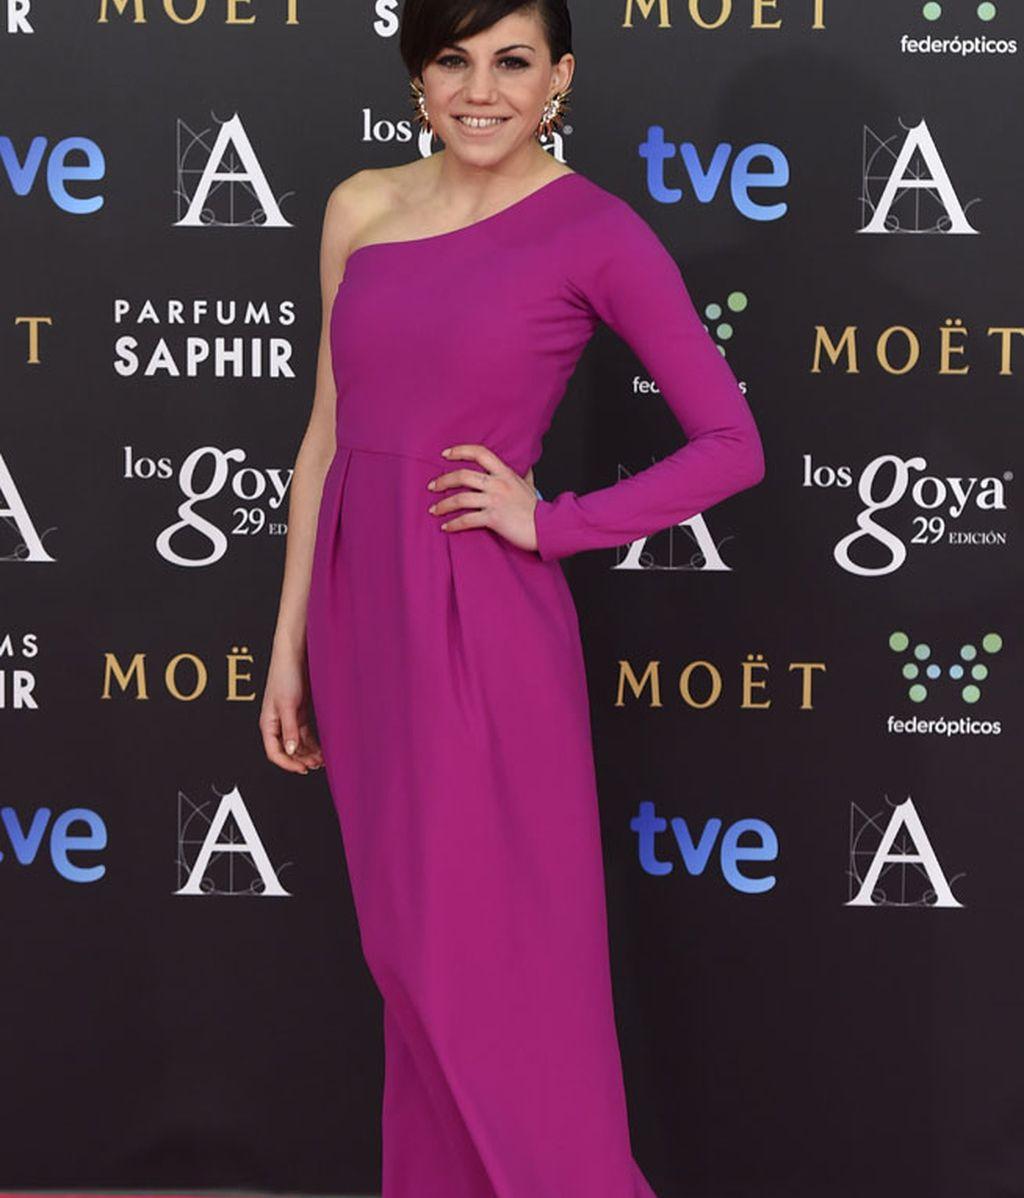 Angy Fernánde con vestido de Alicia Rueda